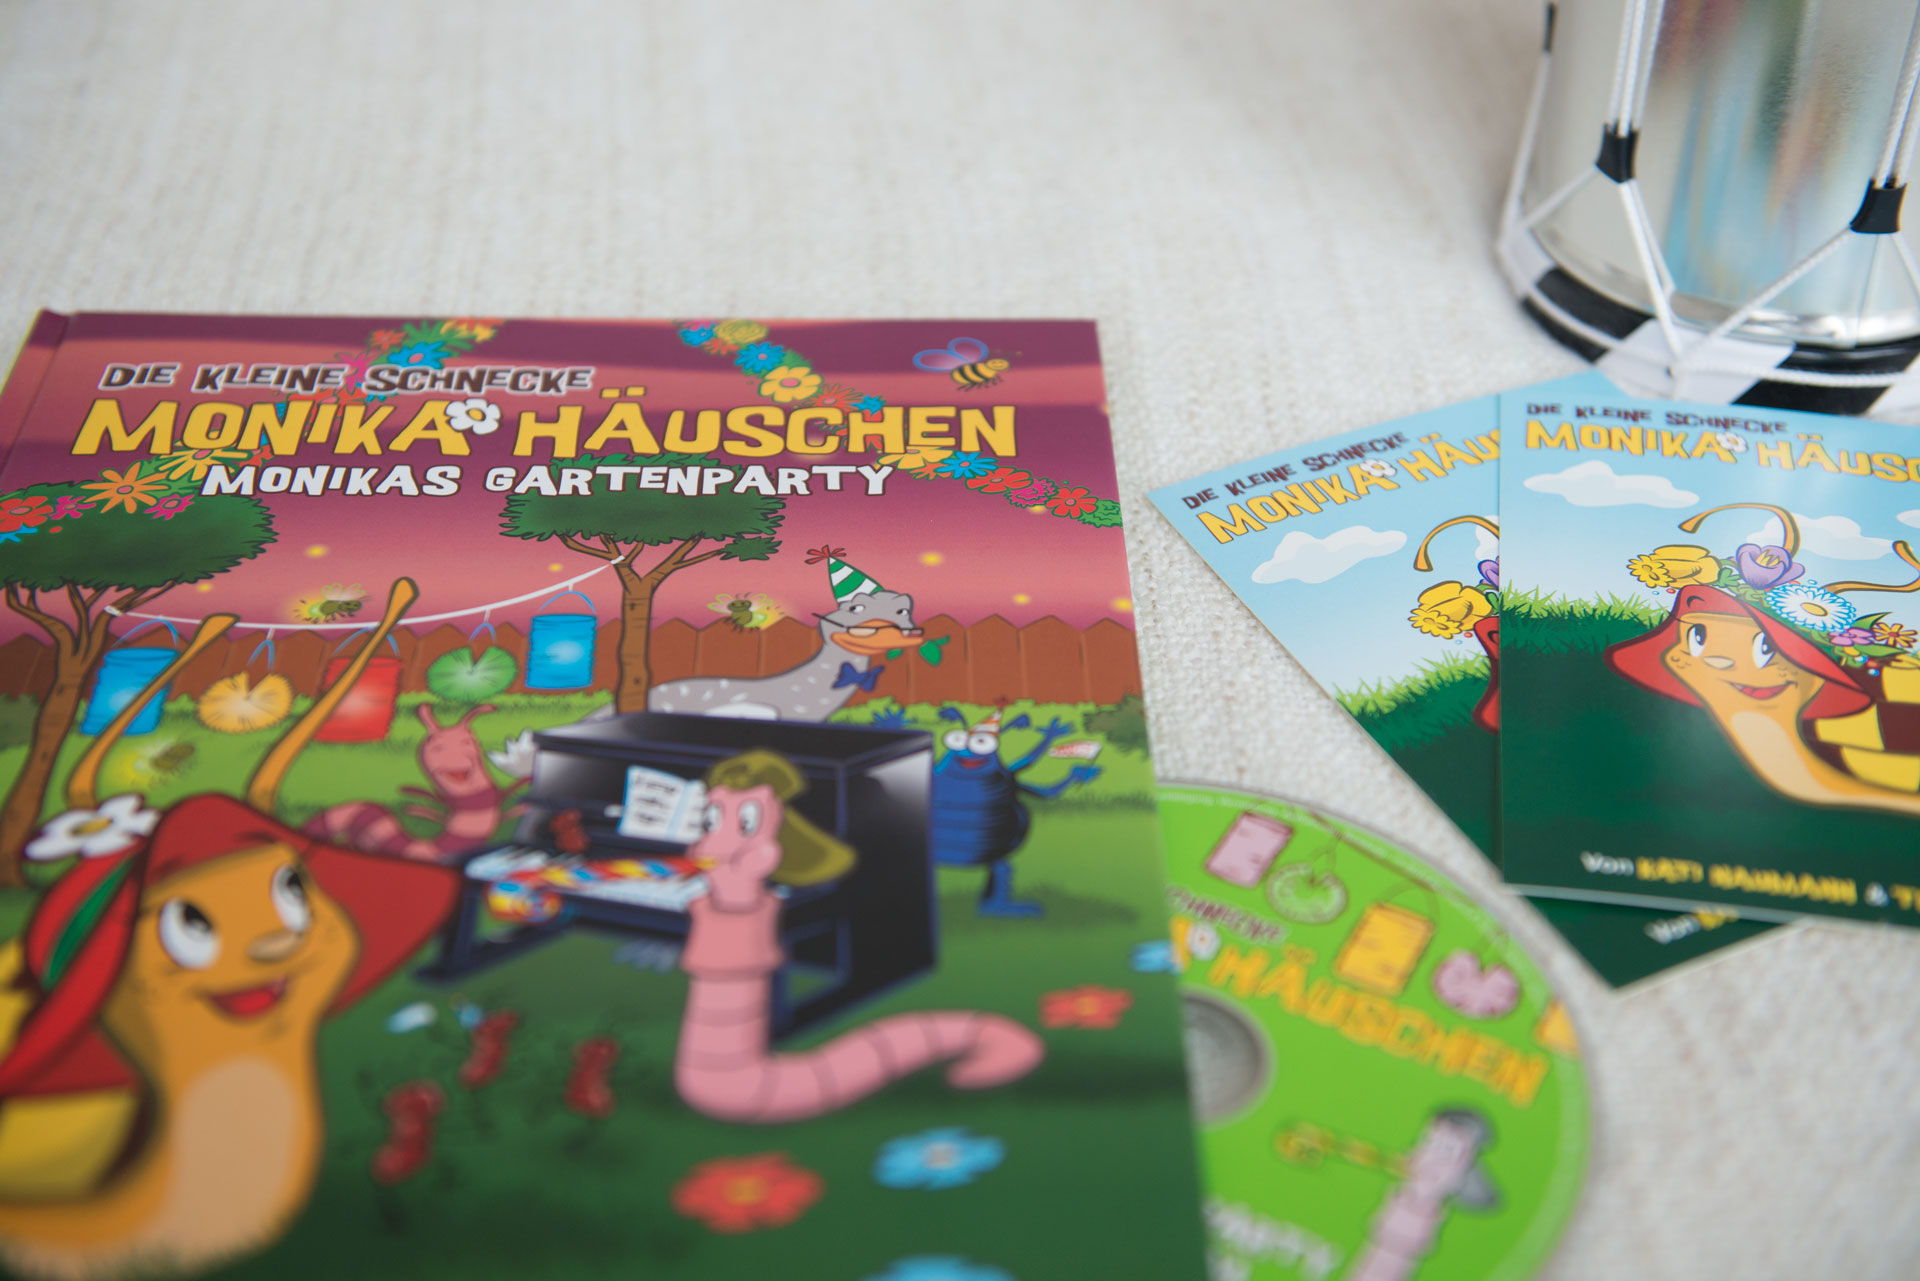 Beitragsbild-Liederbuch-Monika-Häuschen-Kati-Naumann-basteln-mit-Kindern-Hörspiel-lernen-Wissen-singen-Theaterstück-Kinder-Schule-Lehrer